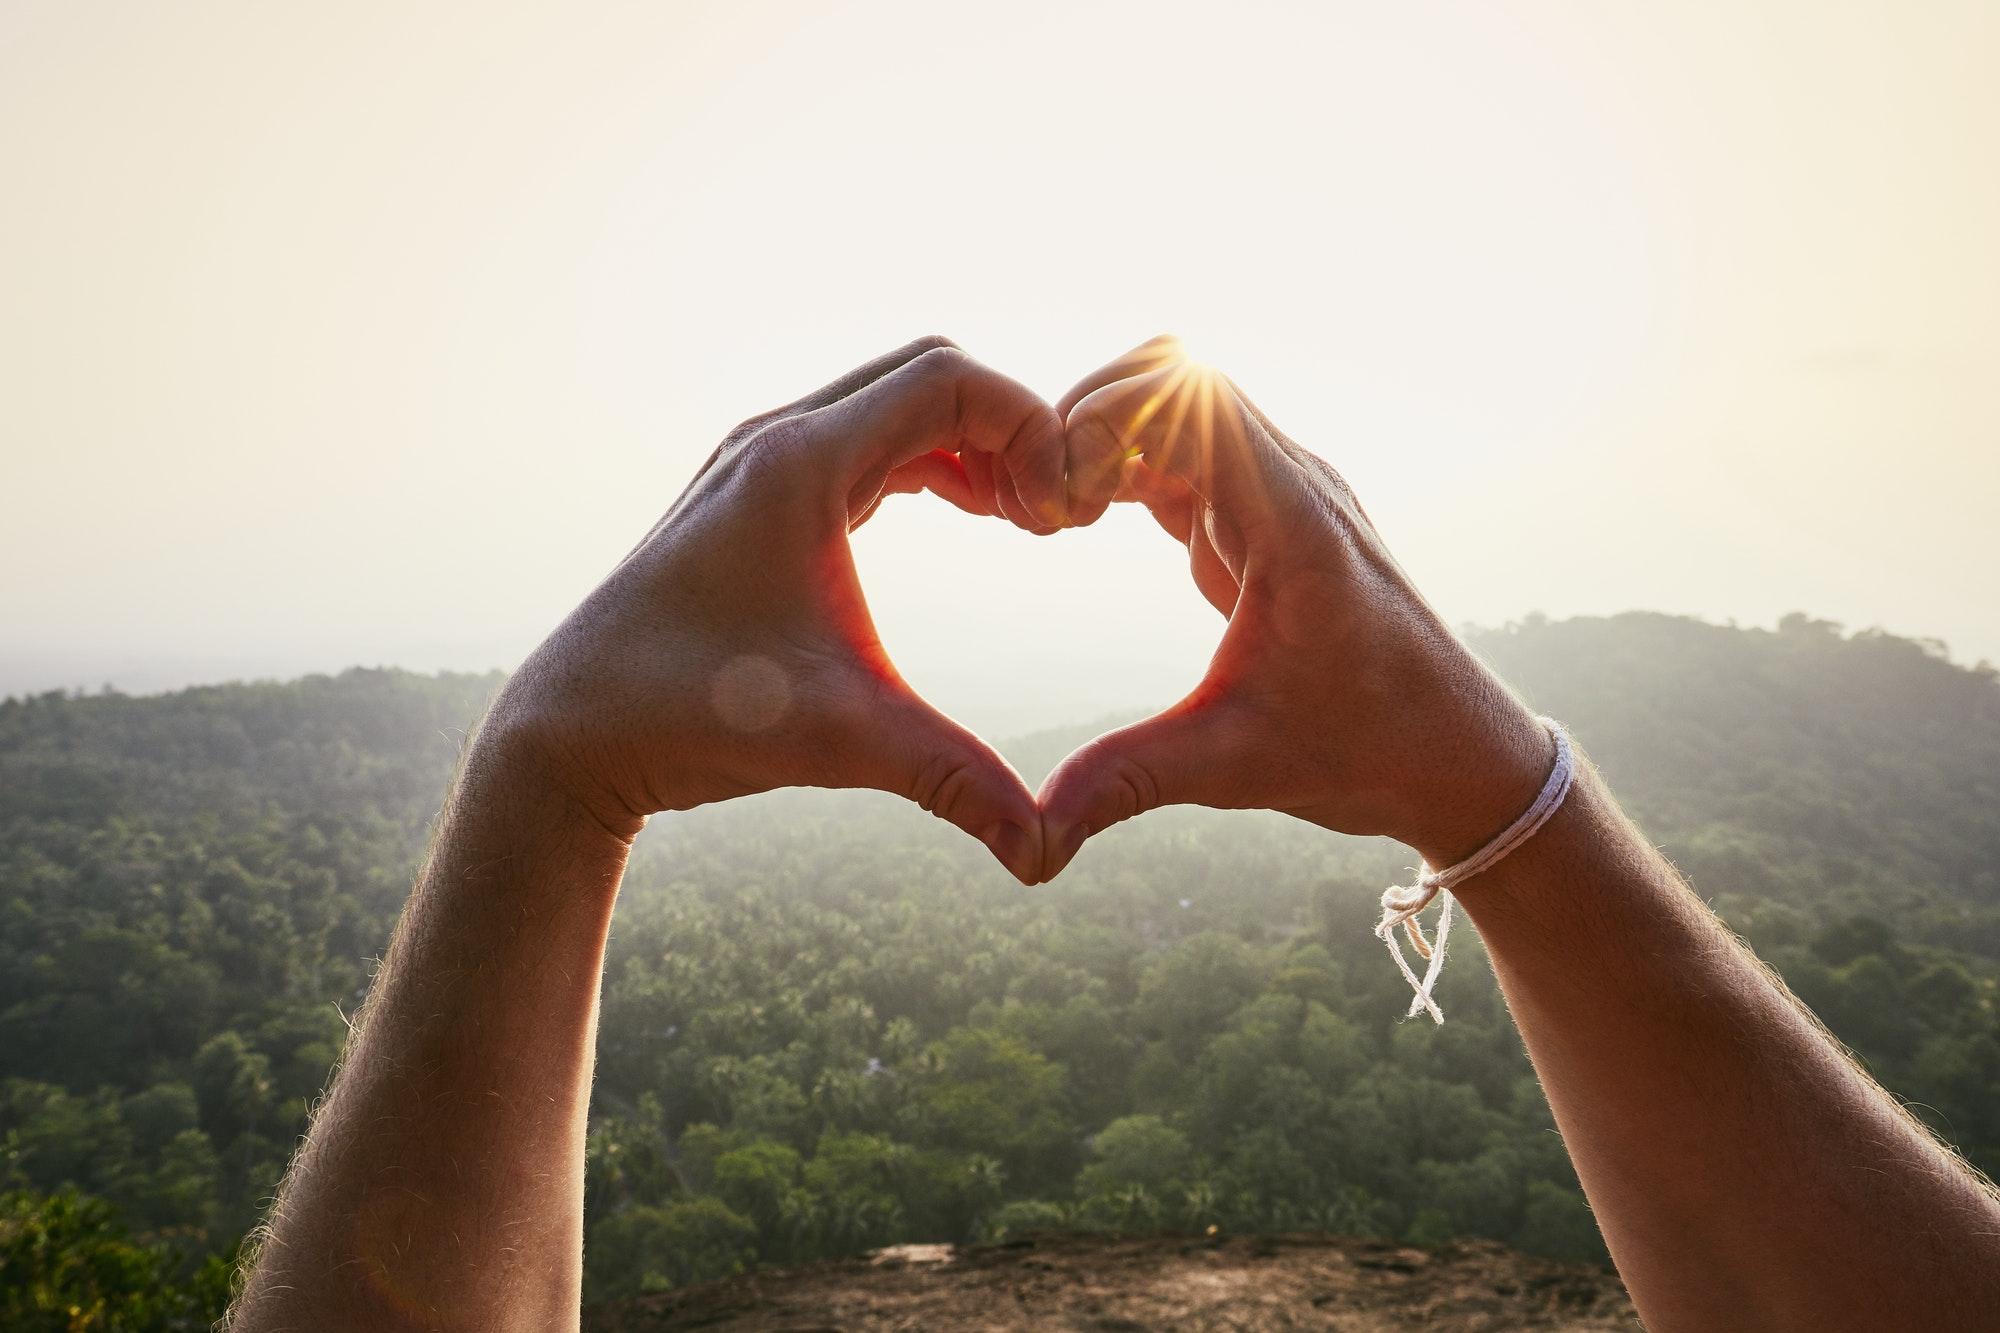 Heart shape against sunset